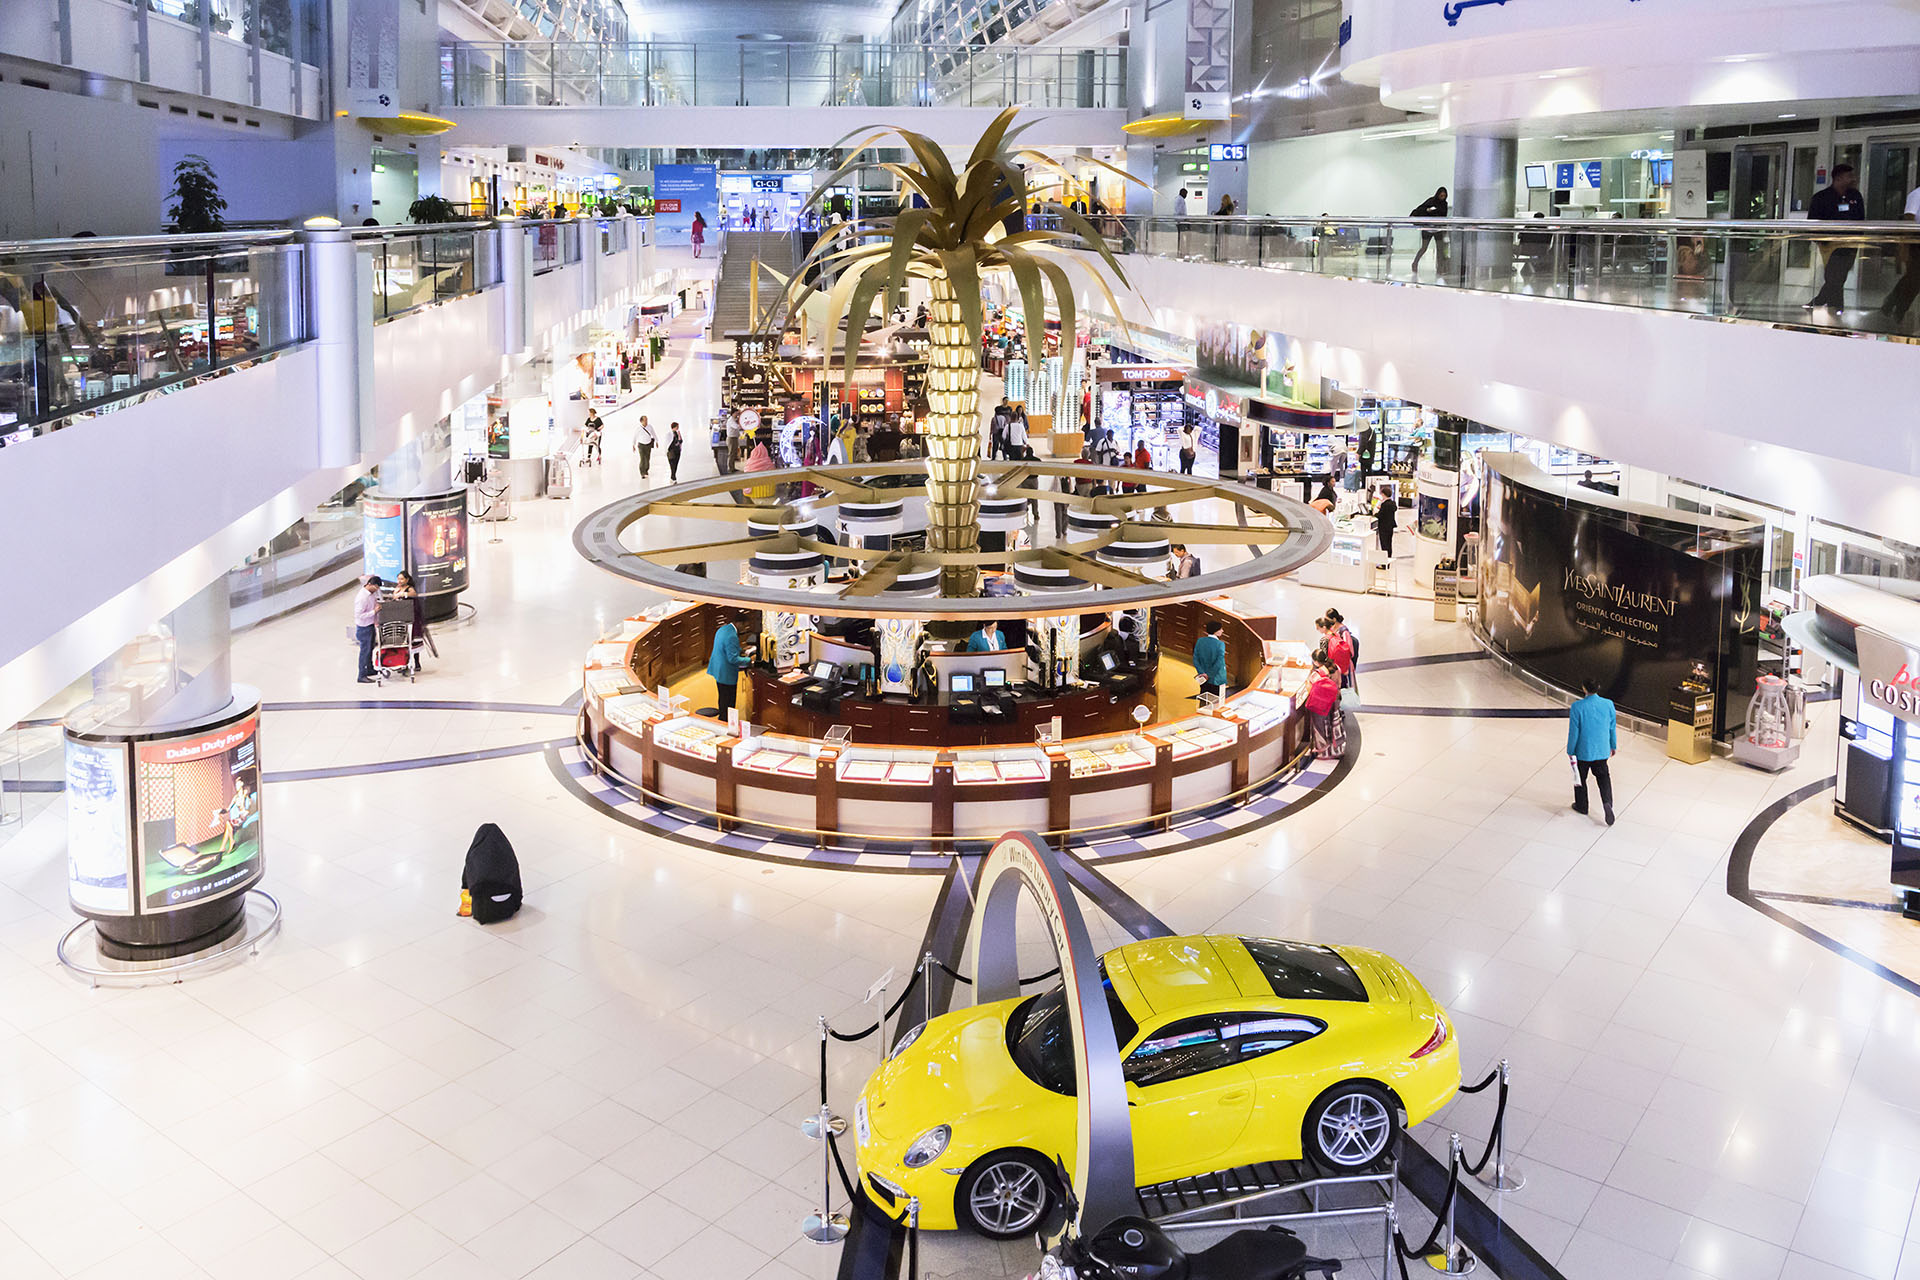 El aeropuerto internacional de Dubai es uno de los más atractivos del mundo. Las comodidades incluyen un jardín zen y servicio de masajes